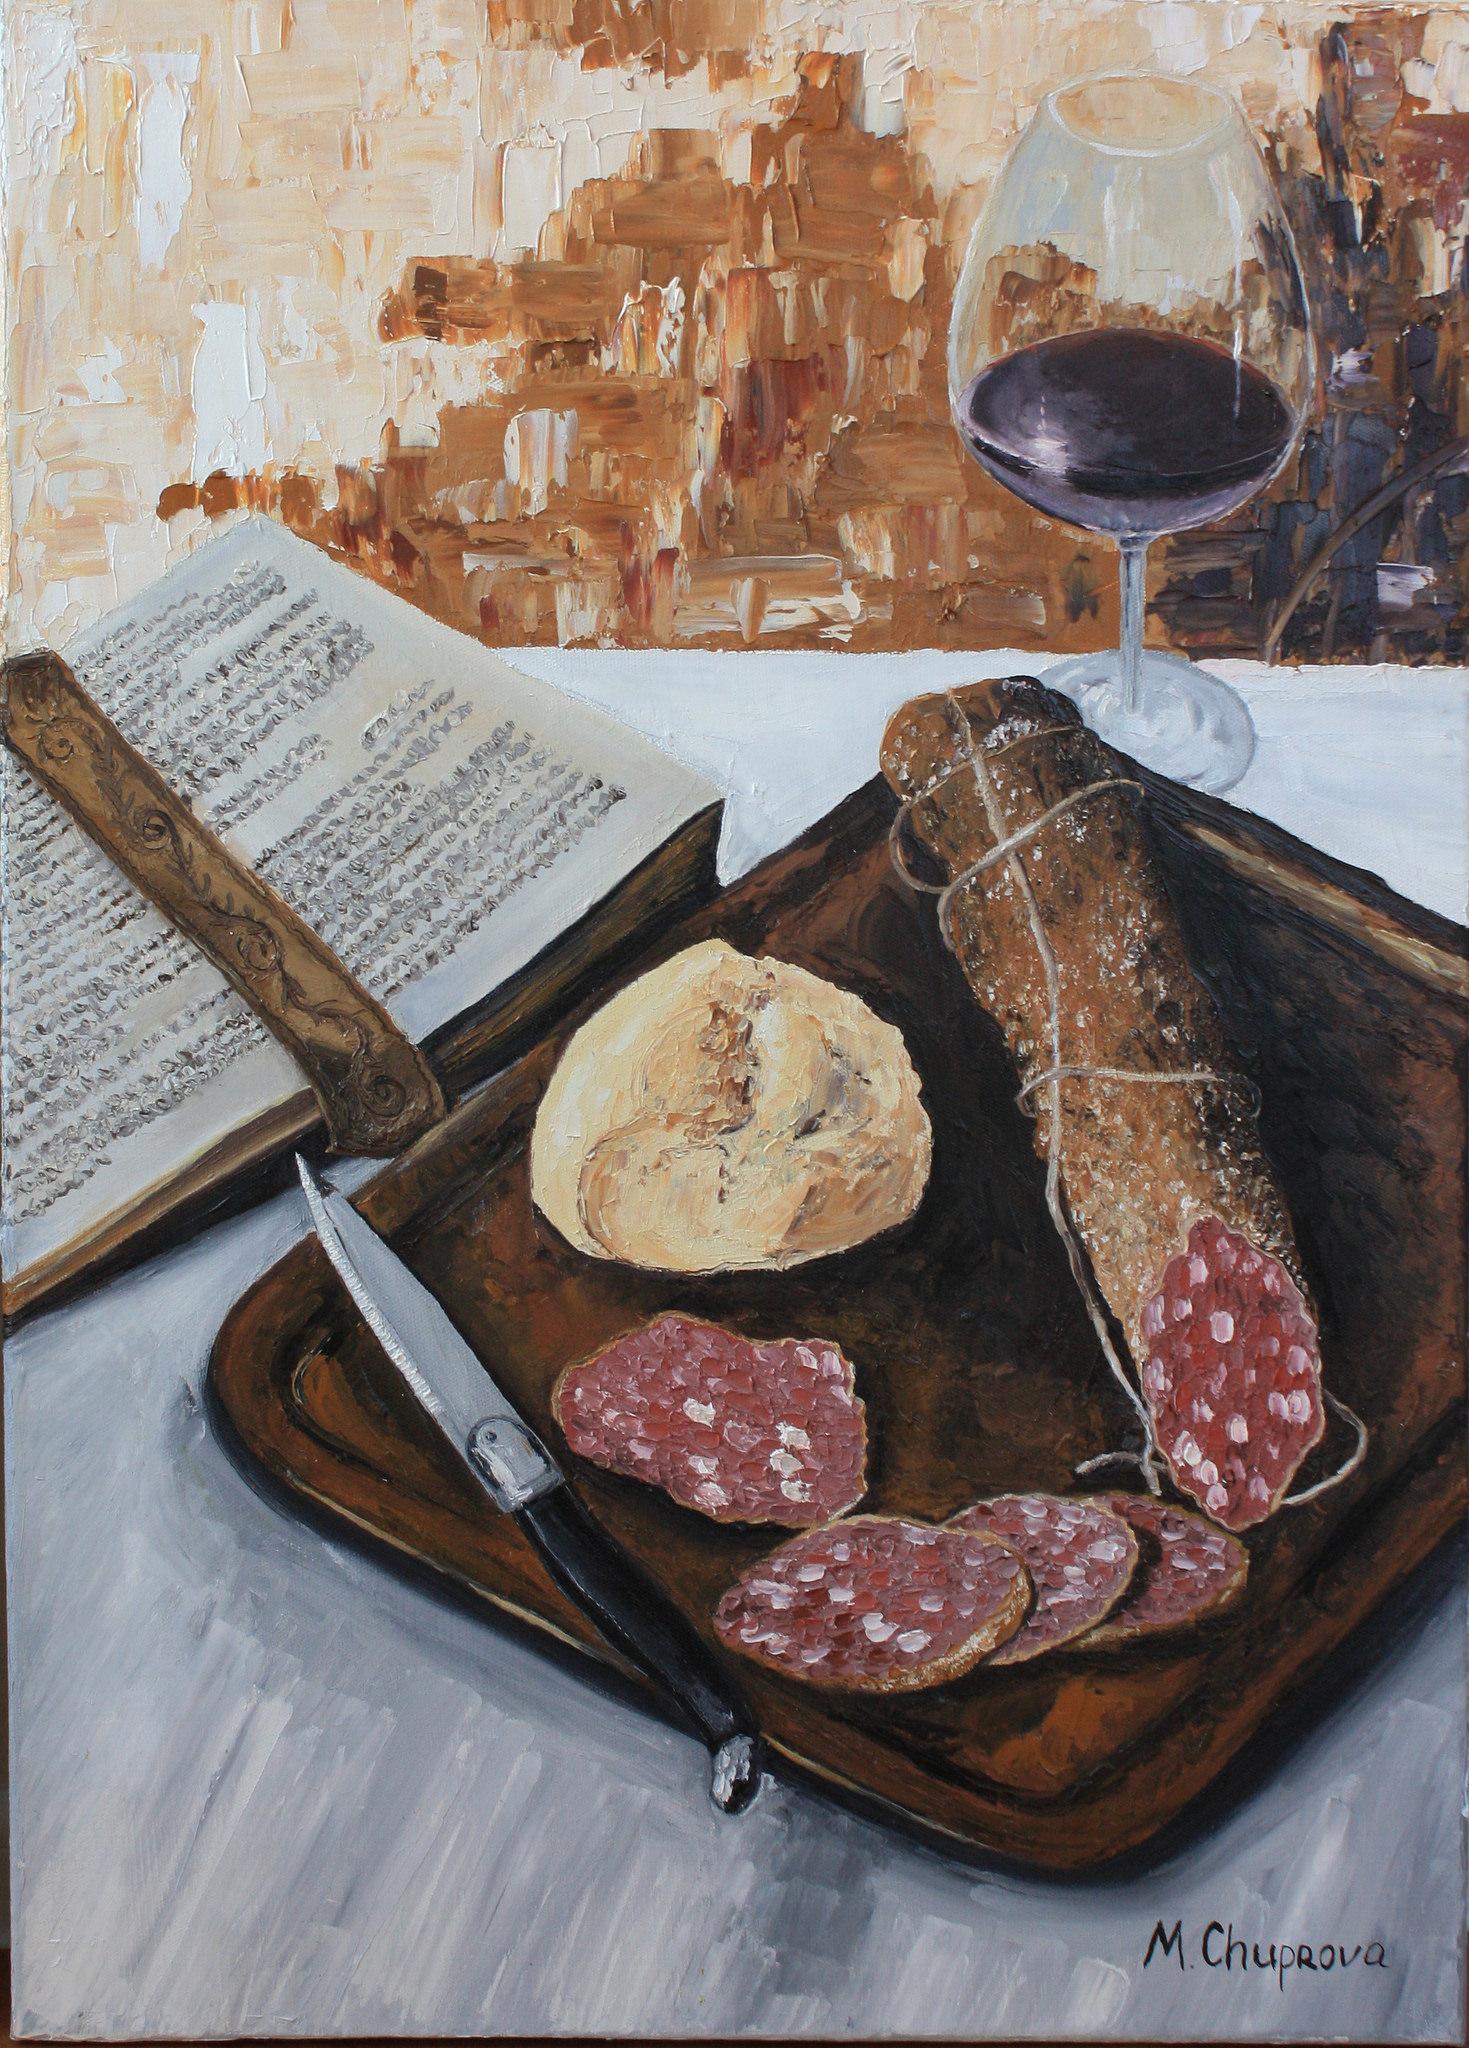 MargaritaCruzArt-Oil_painting-Still_life-ham-wine.jpg